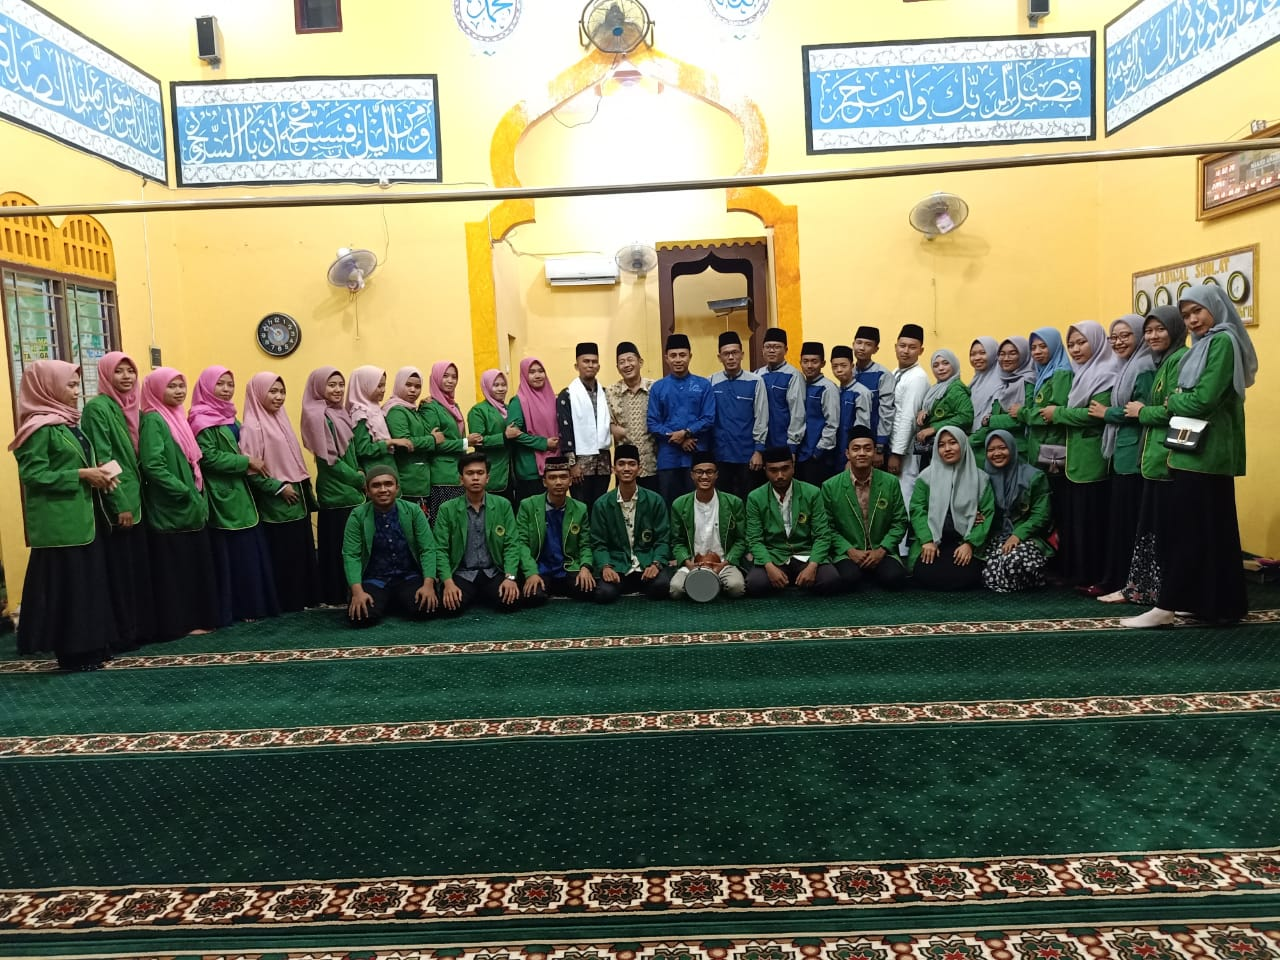 Wujudkan Langkat Religius, KKN STAI-JM Tanjung Pura Laksanakan Tabligh Akbar dan Haflah Quran